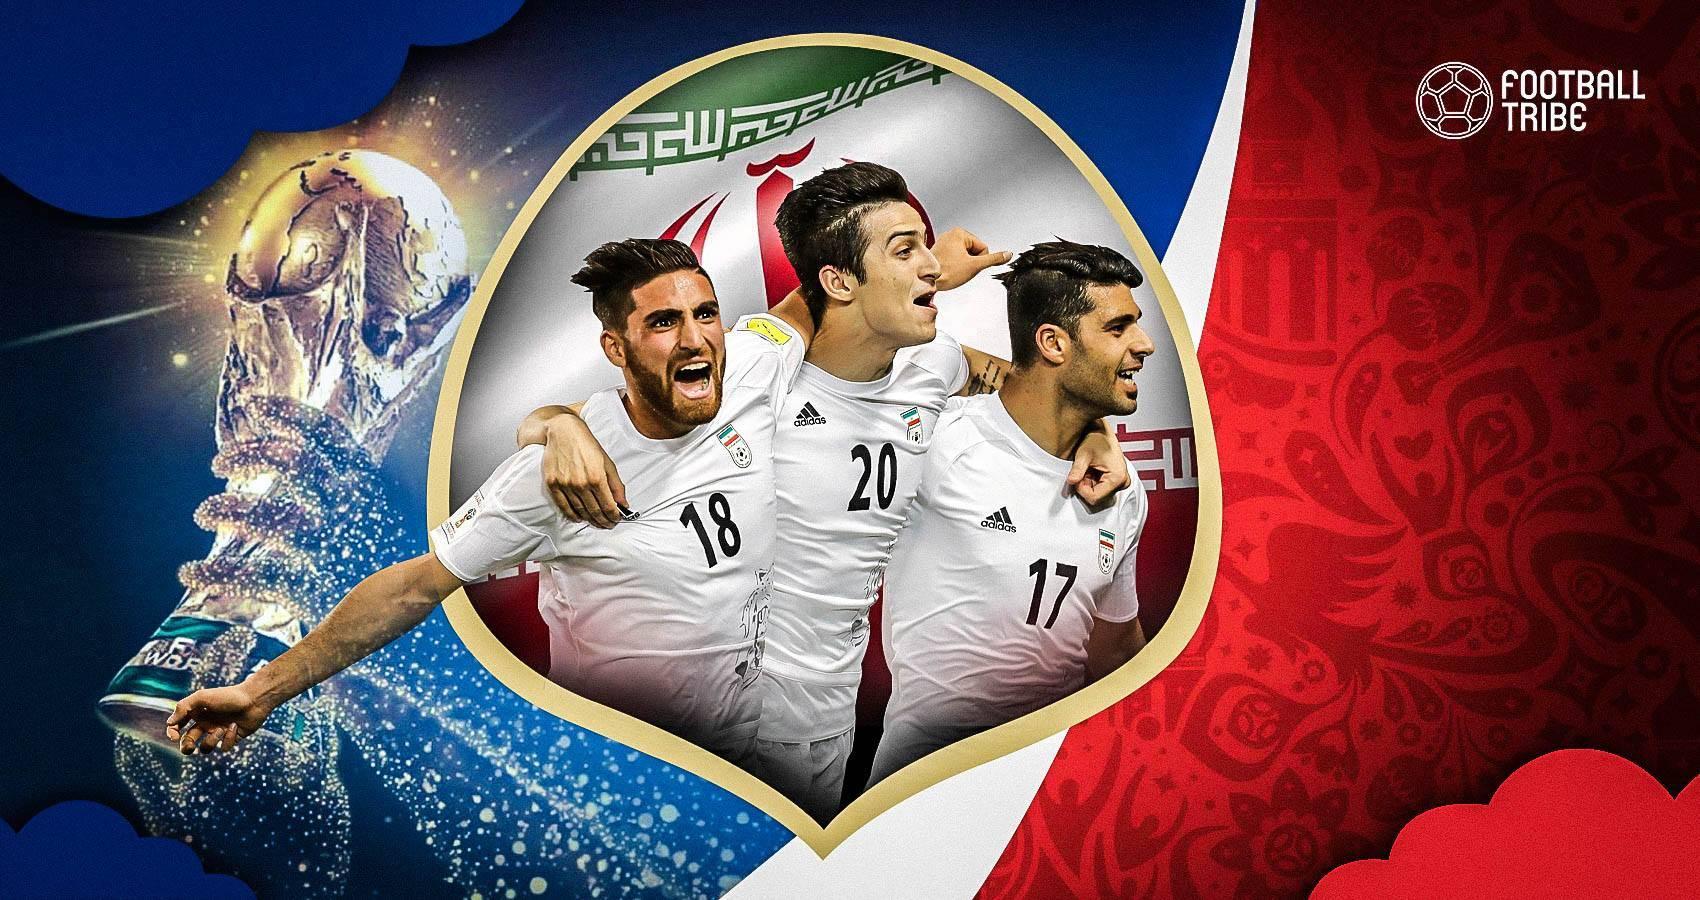 ก่อนลุยรัสเซีย: 6 ที่สุดผลงานอิหร่านในเวทีฟุตบอลโลก